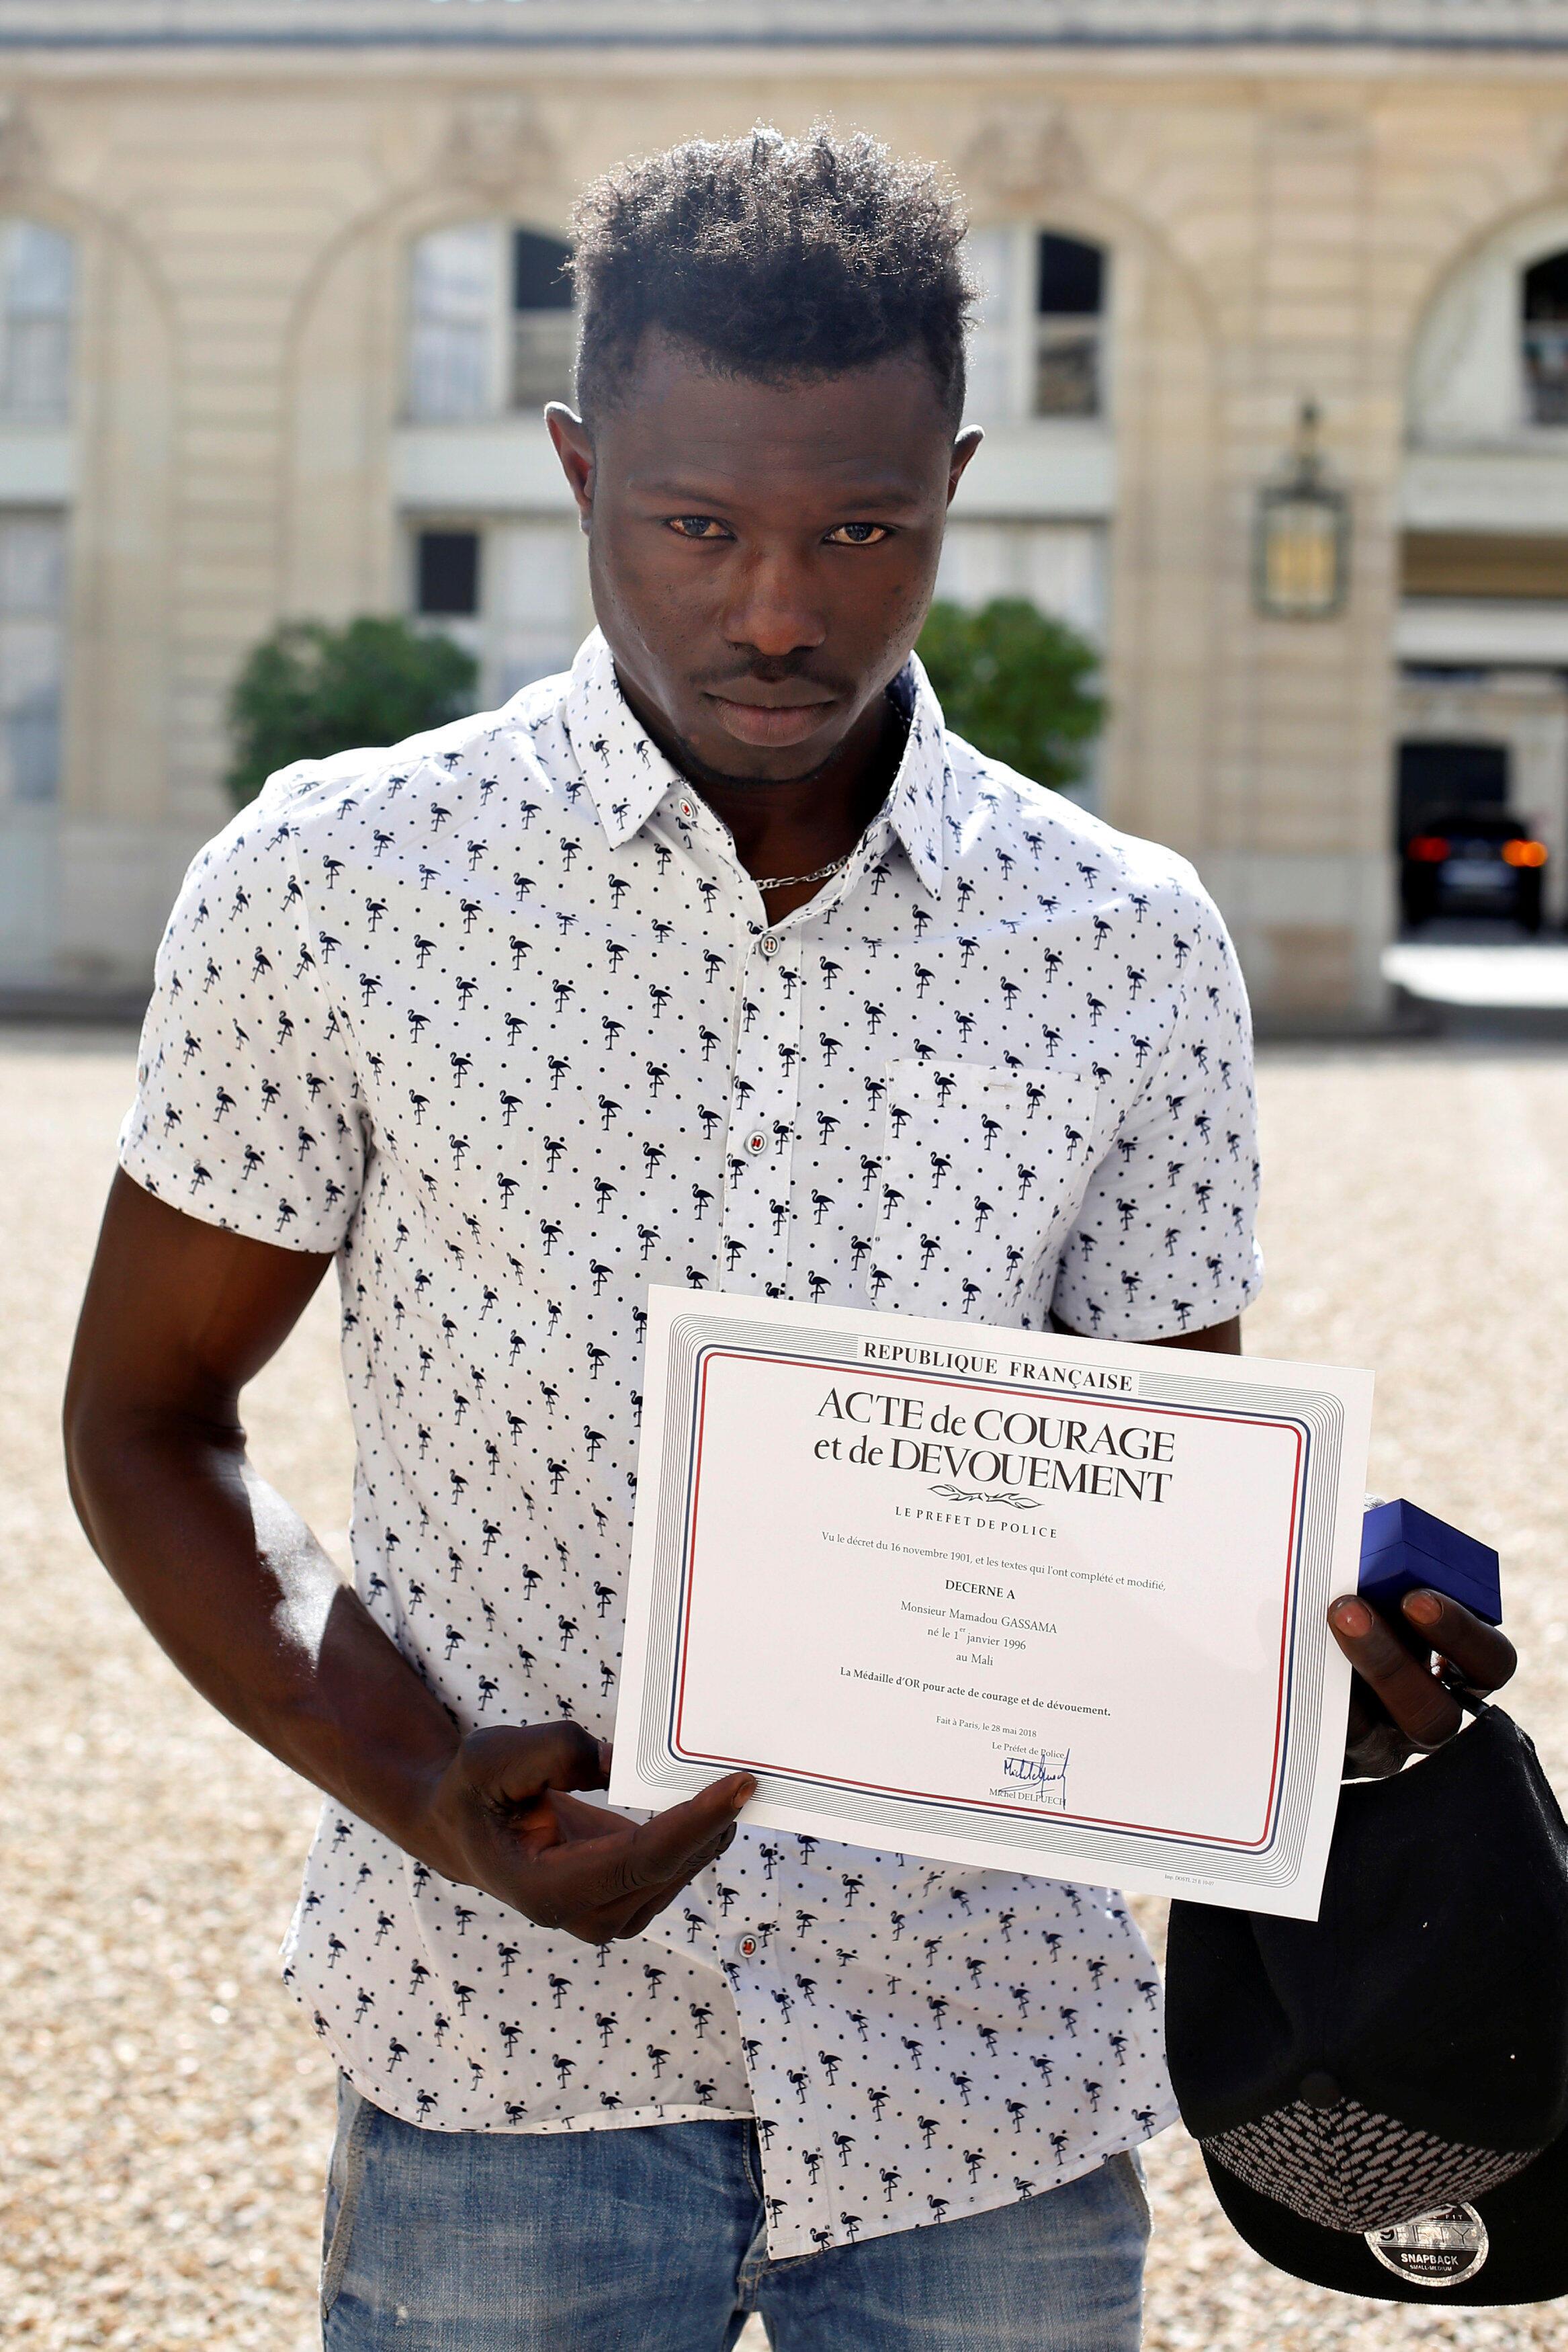 Спасшему ребенка беженца дадут французское гражданство и примут в пожарные